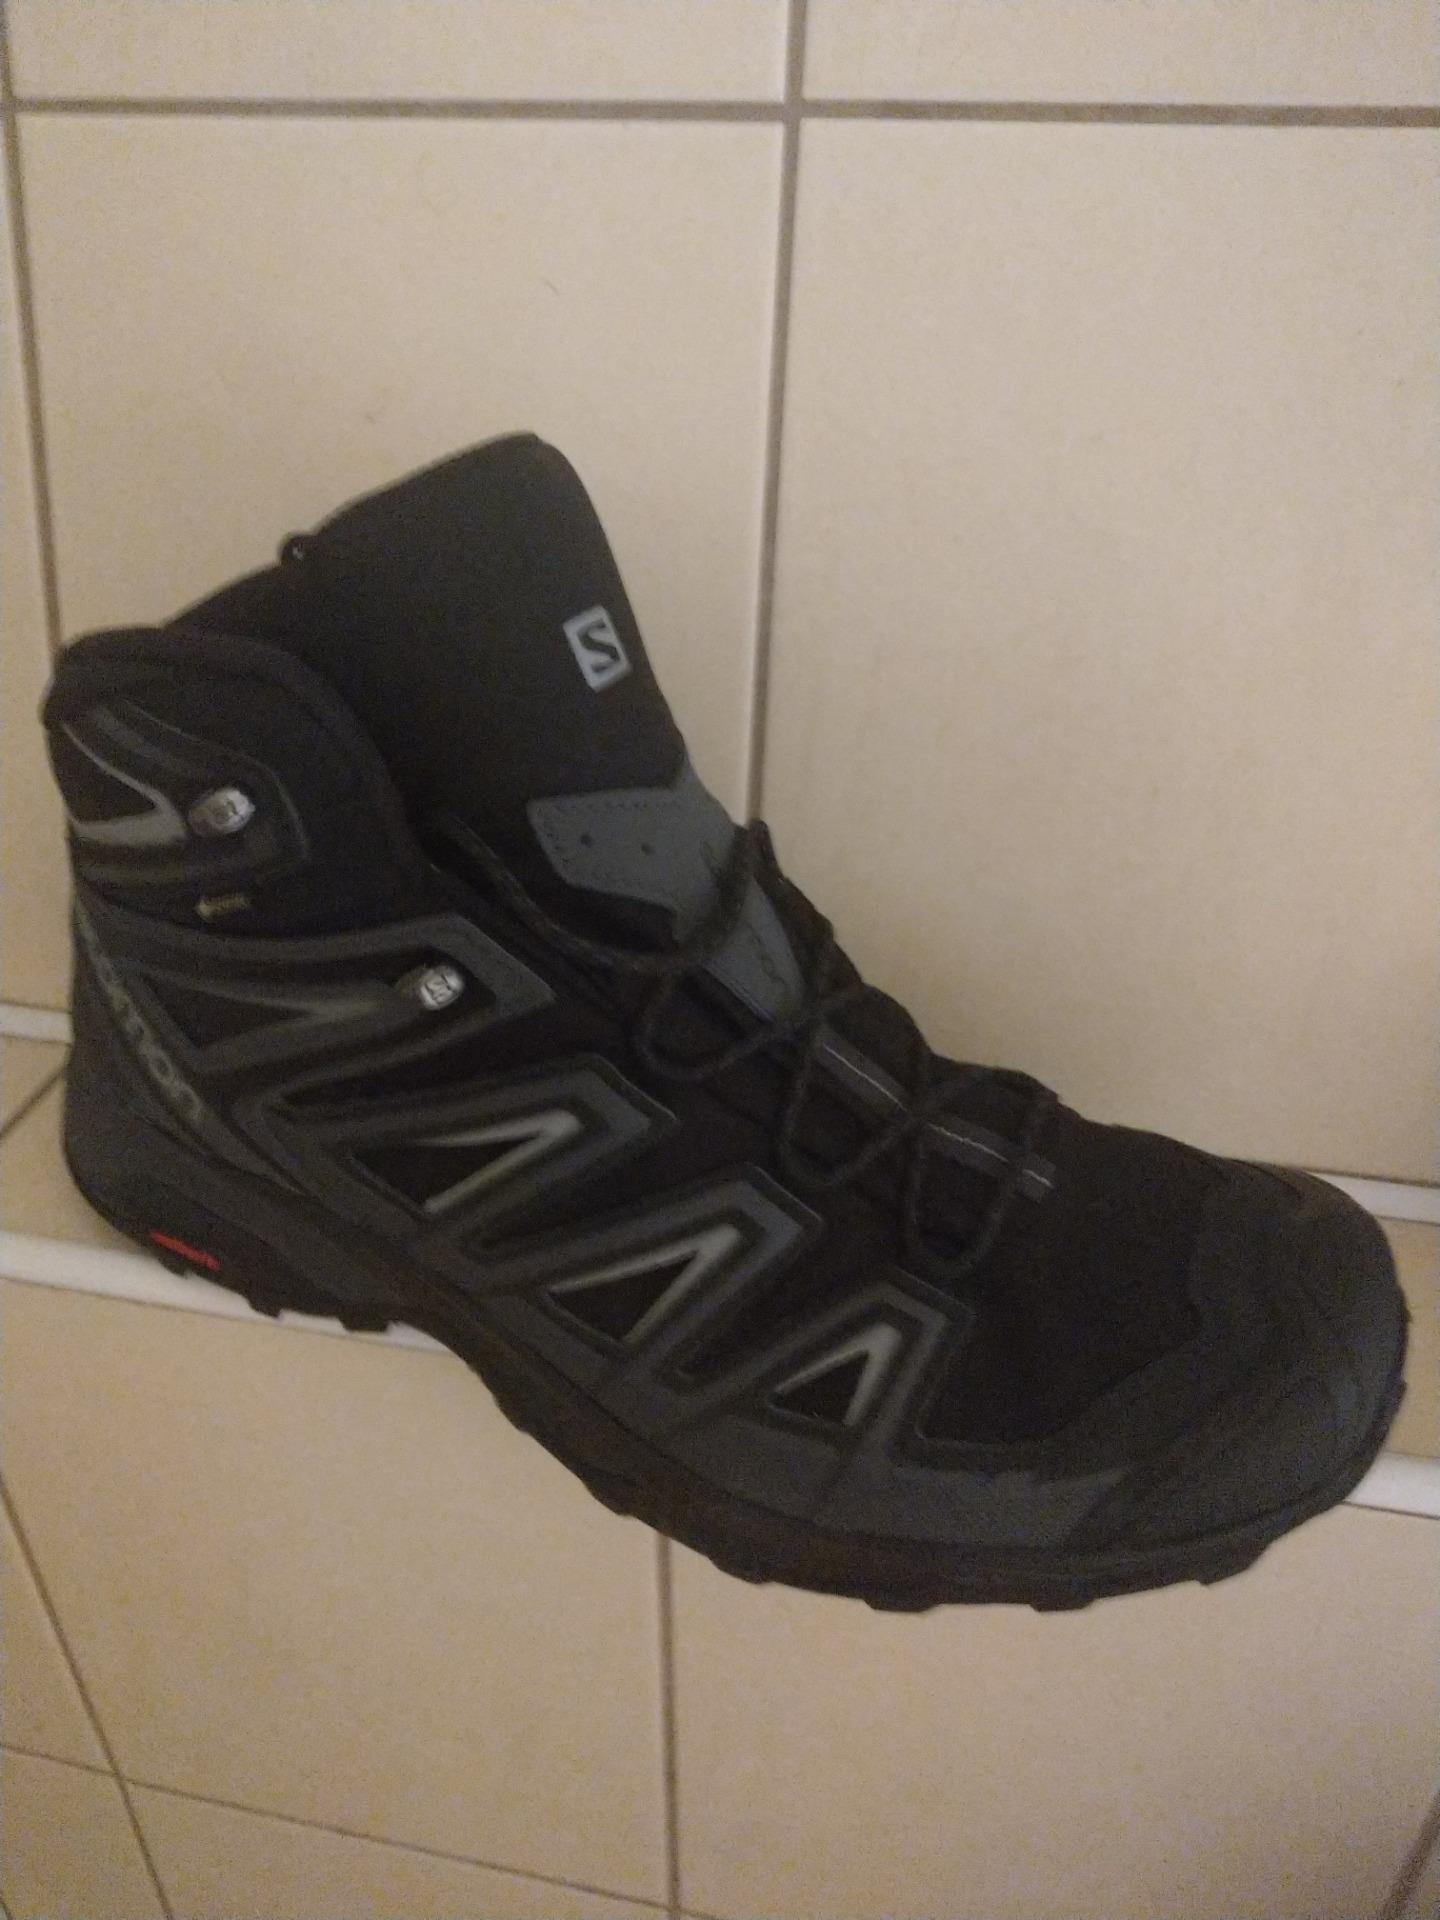 Salomon X ULTRA 3 MID GTX obuwie hikingowe męskie (czarny)